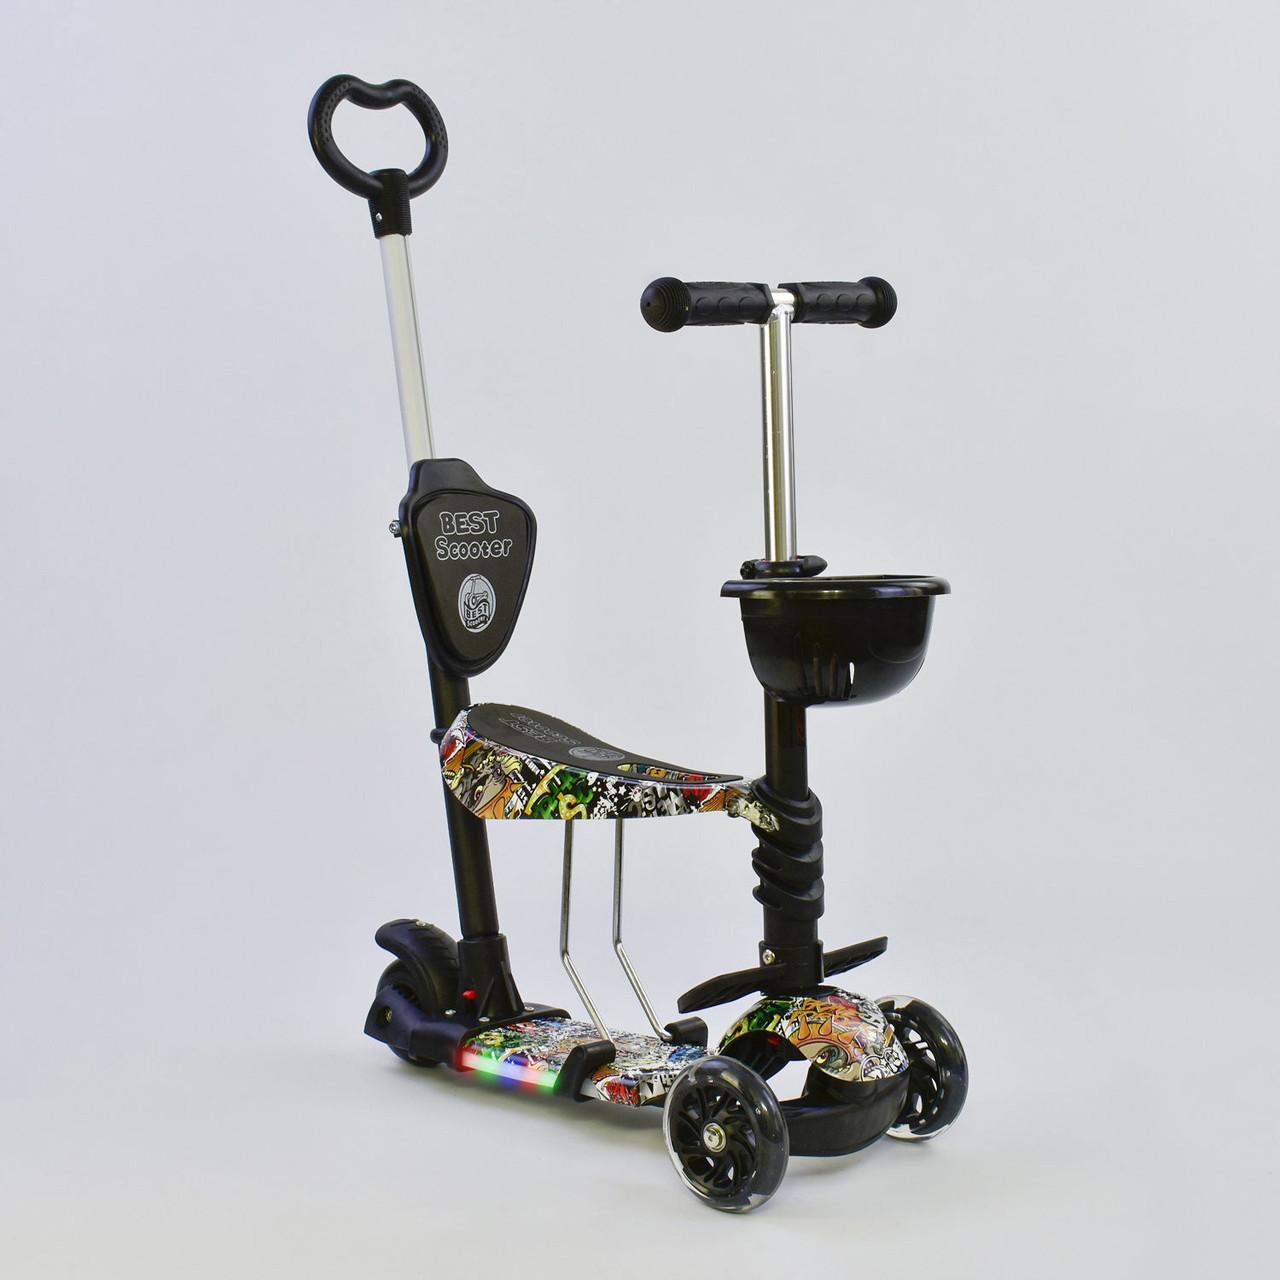 Самокат 5в1 Best Scooter 64020 PU колеса Гарантия качества Быстрая доставка